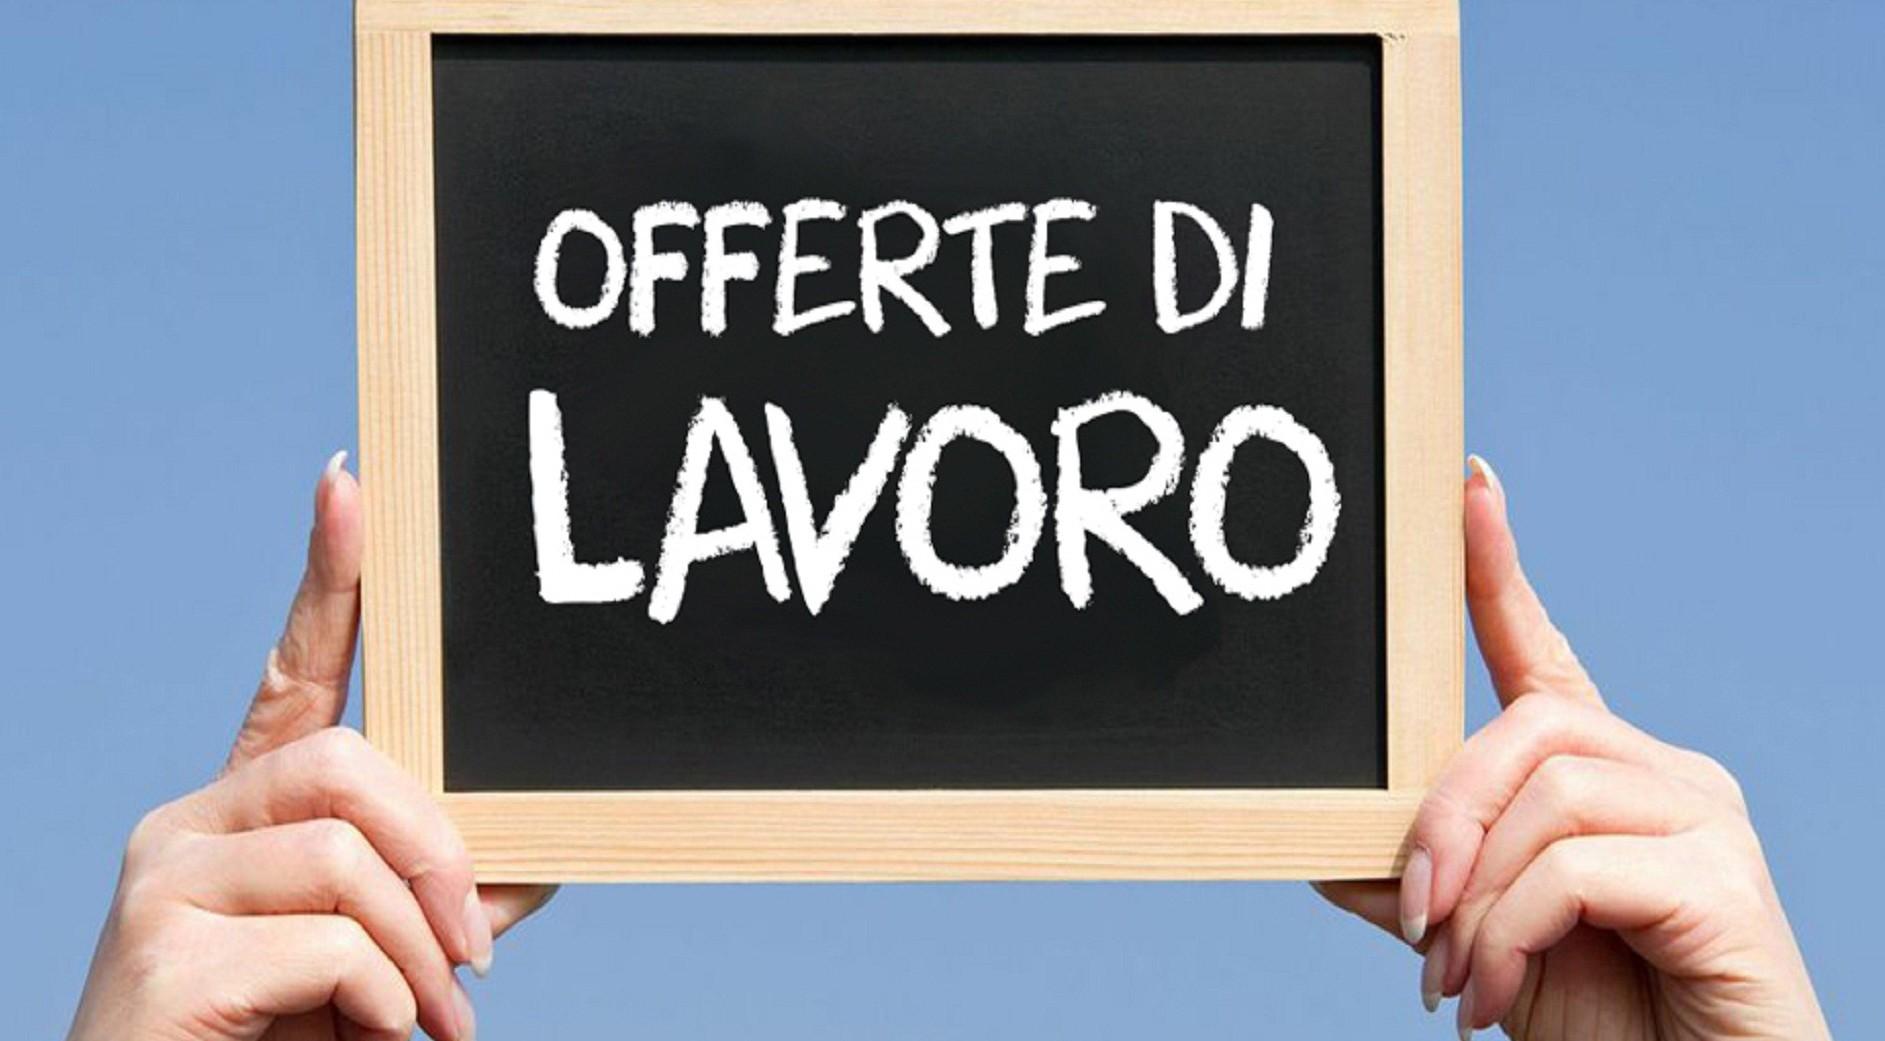 Offerte Lavoro Fotografo Bergamo offerte di lavoro gennaio 2020 con o senza esperienza